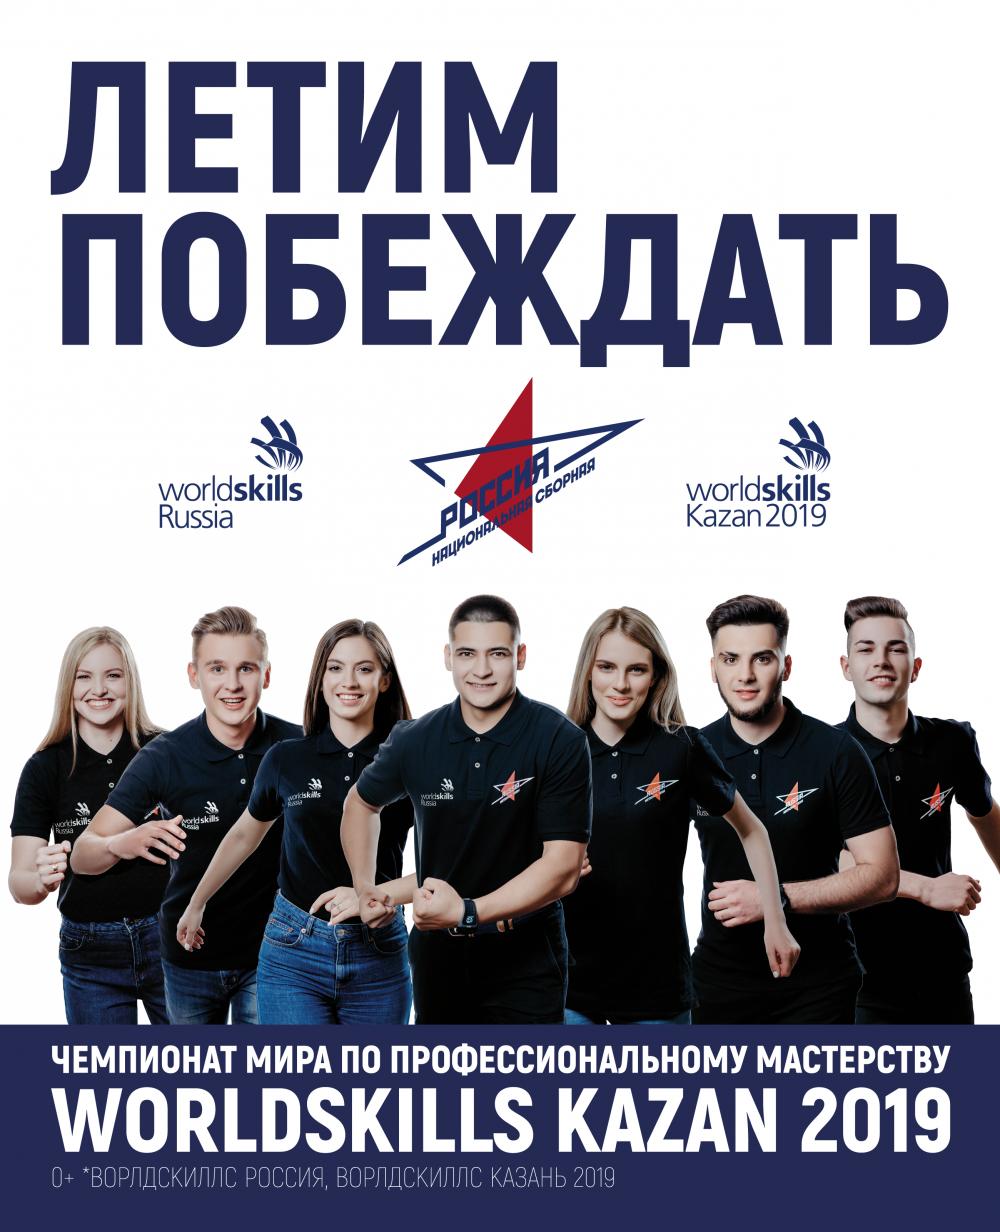 Десять дней до мирового чемпионата молодых профессионалов WorldSkills:  в составе национальной сборной впервые бороться за победу будут два самарских участника